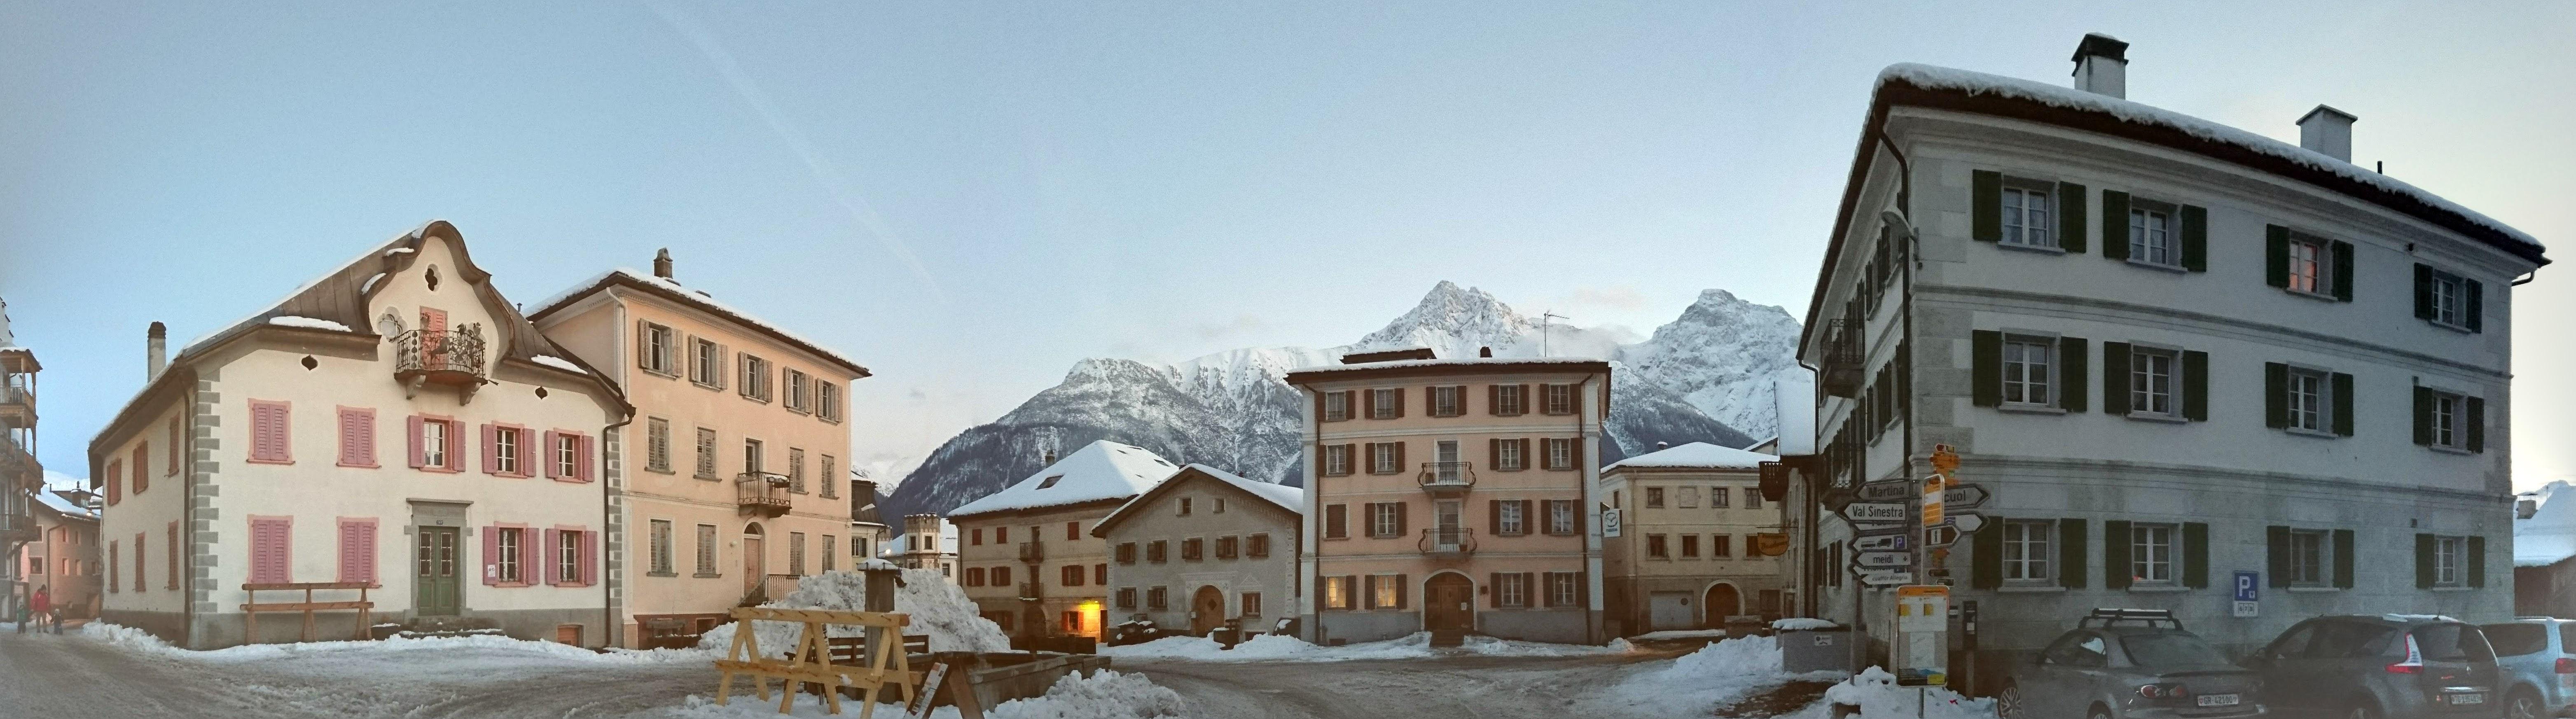 Dorfplatz verschneit